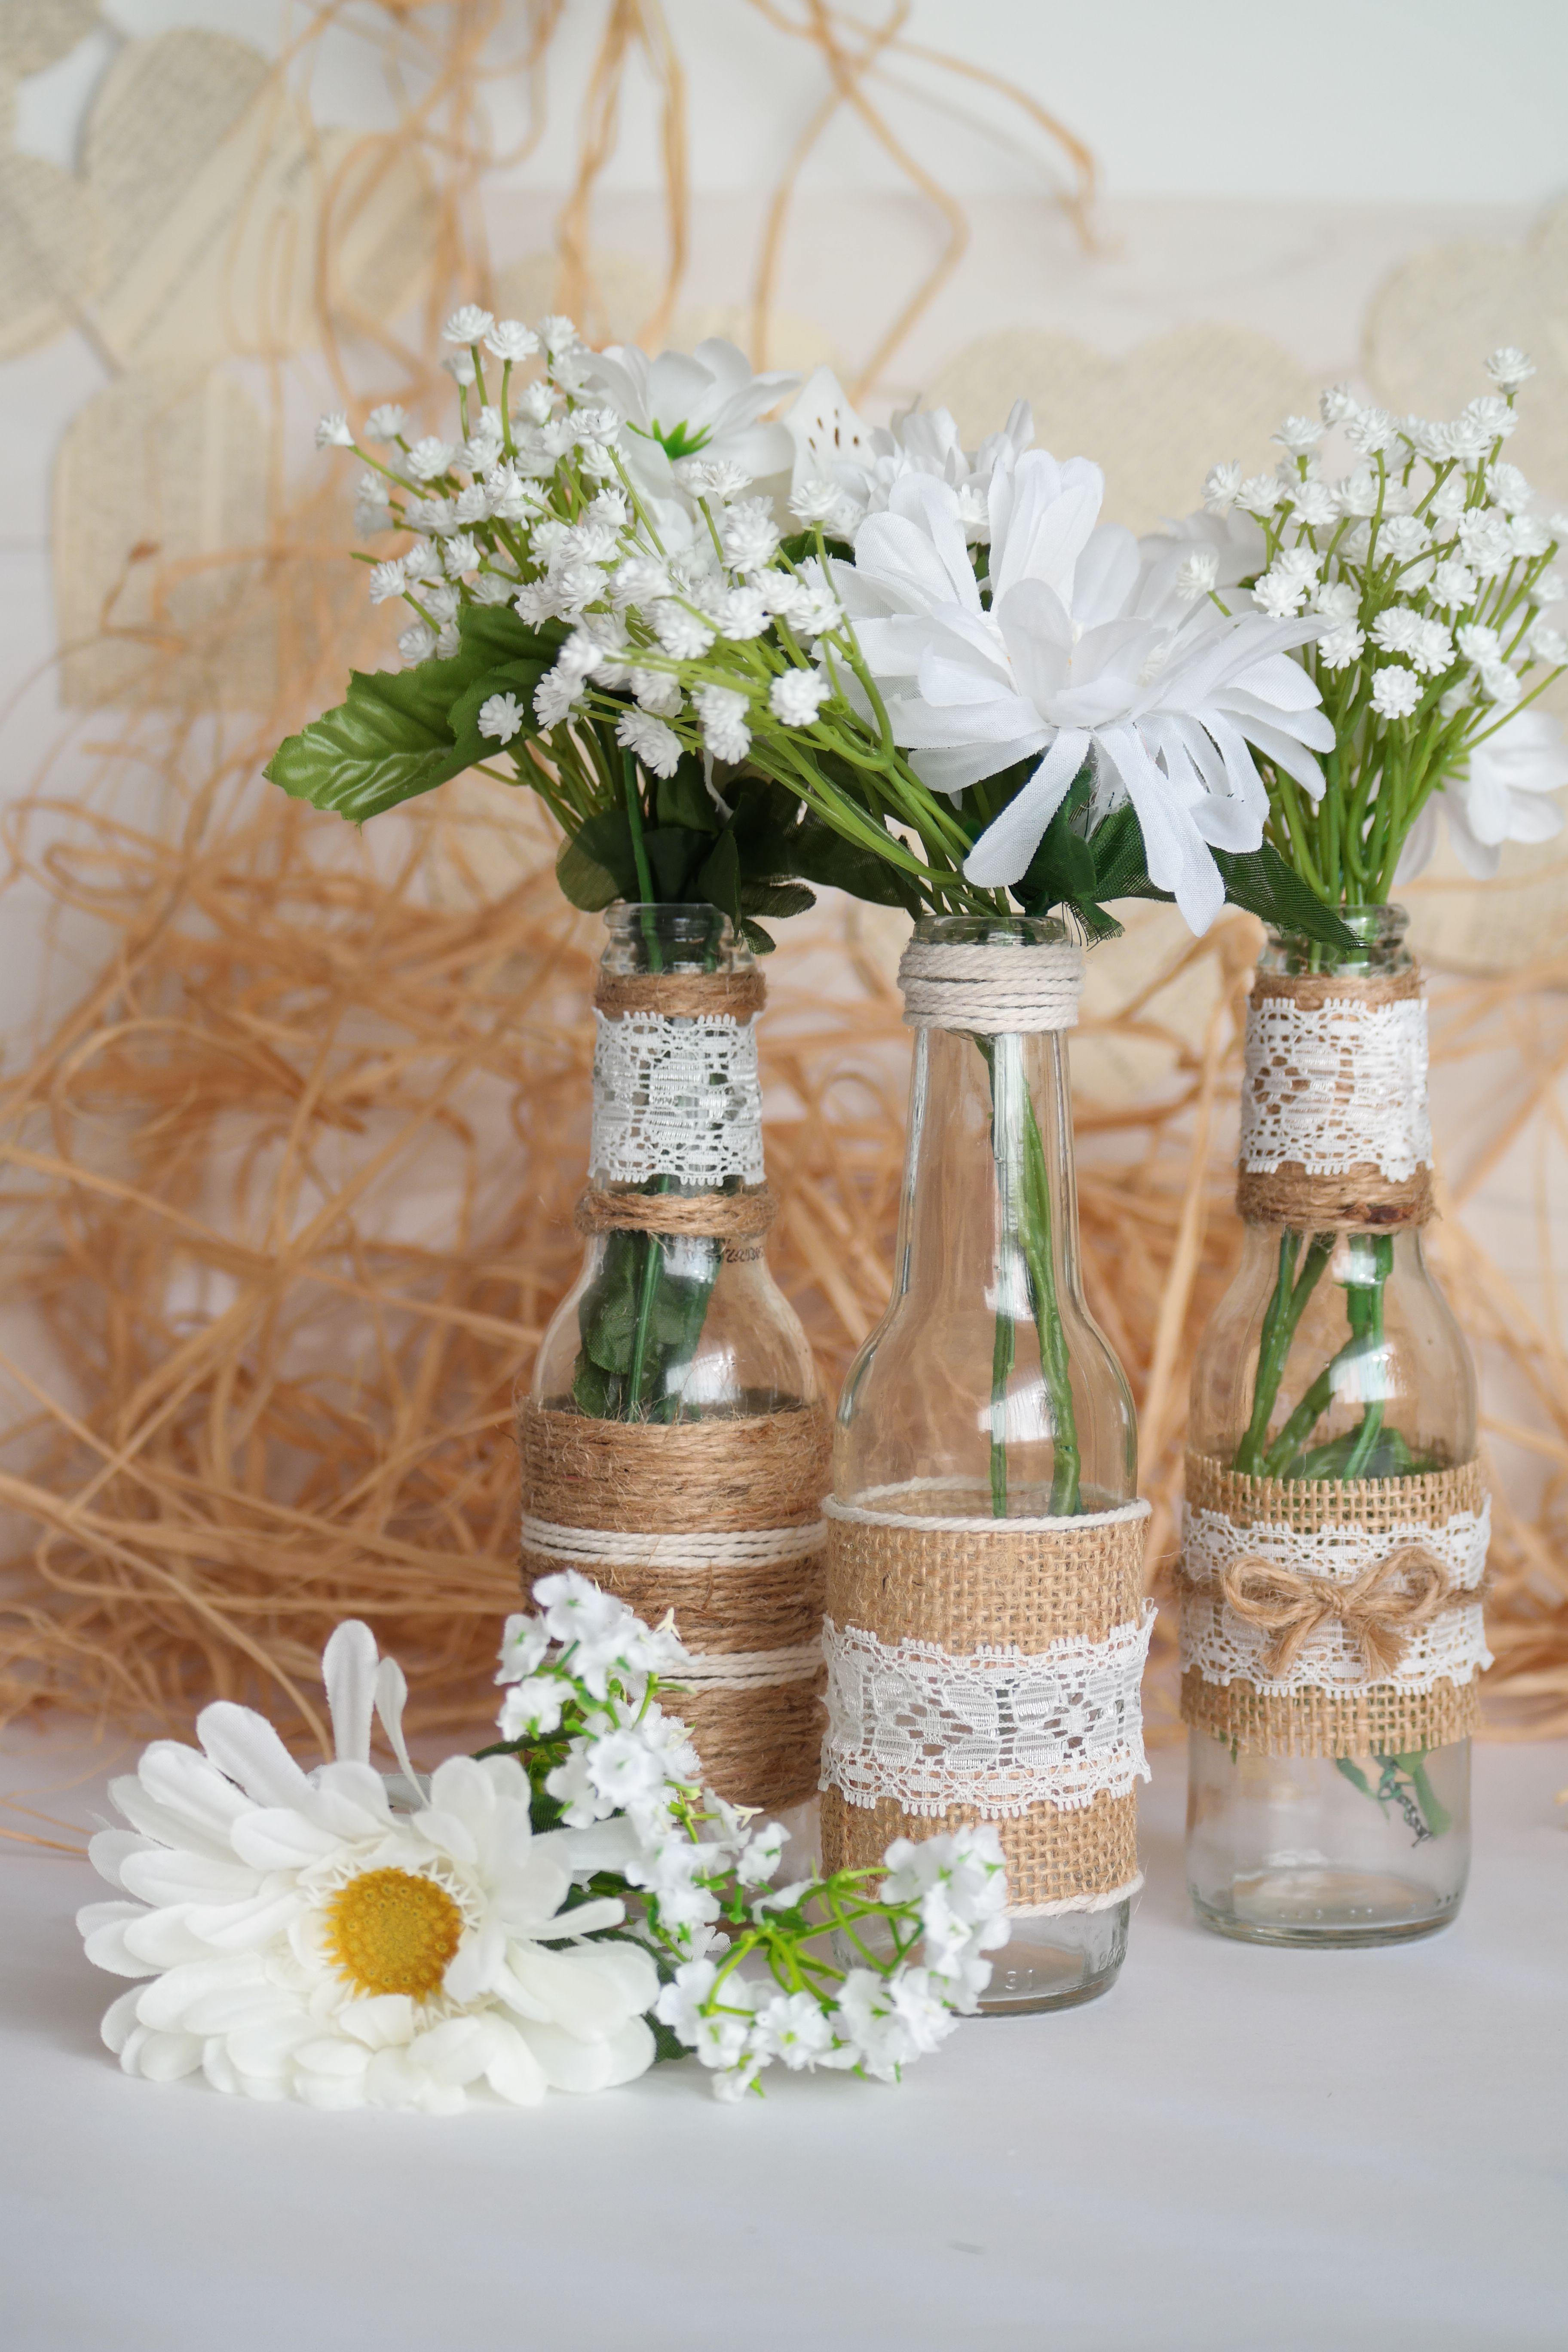 Rustic Burlap Centerpiece Bottle Vases Wedding Or Party Etsy Burlap Centerpieces Bridal Shower Decorations Rustic Simple Wedding Centerpieces Diy